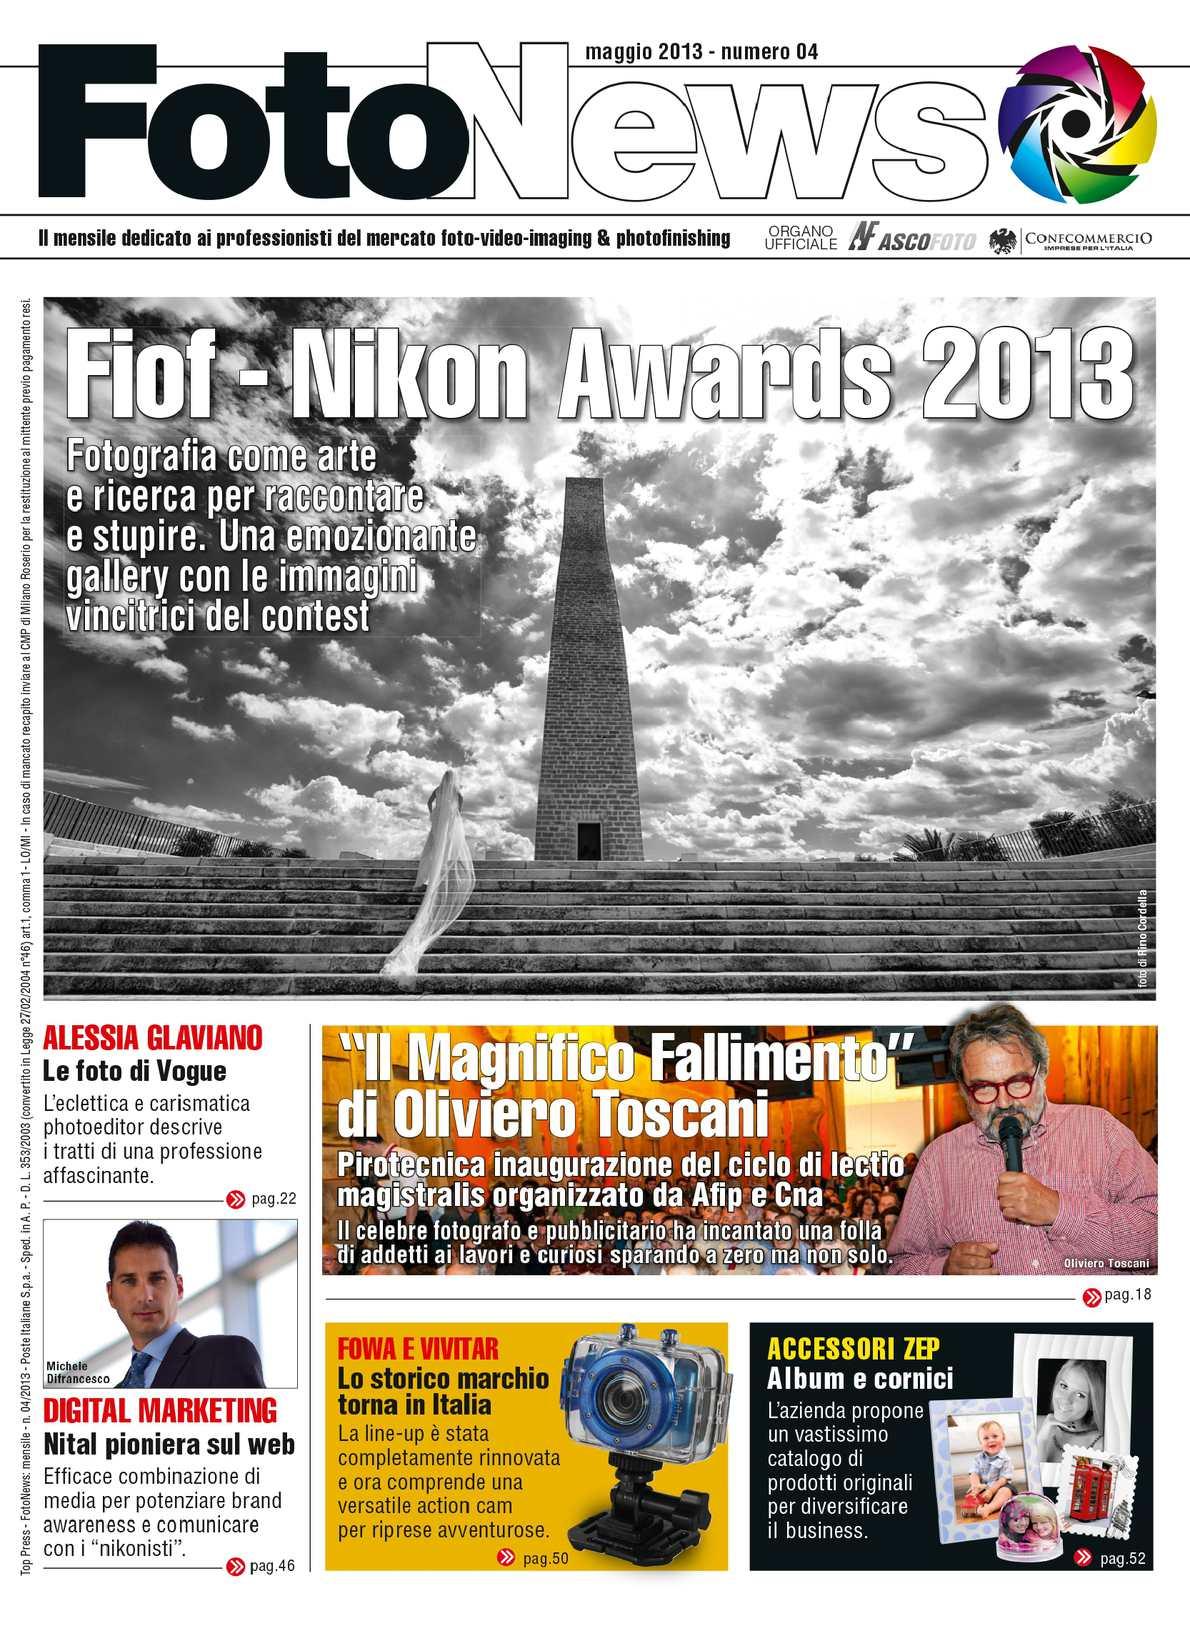 FotoNews 04/2013